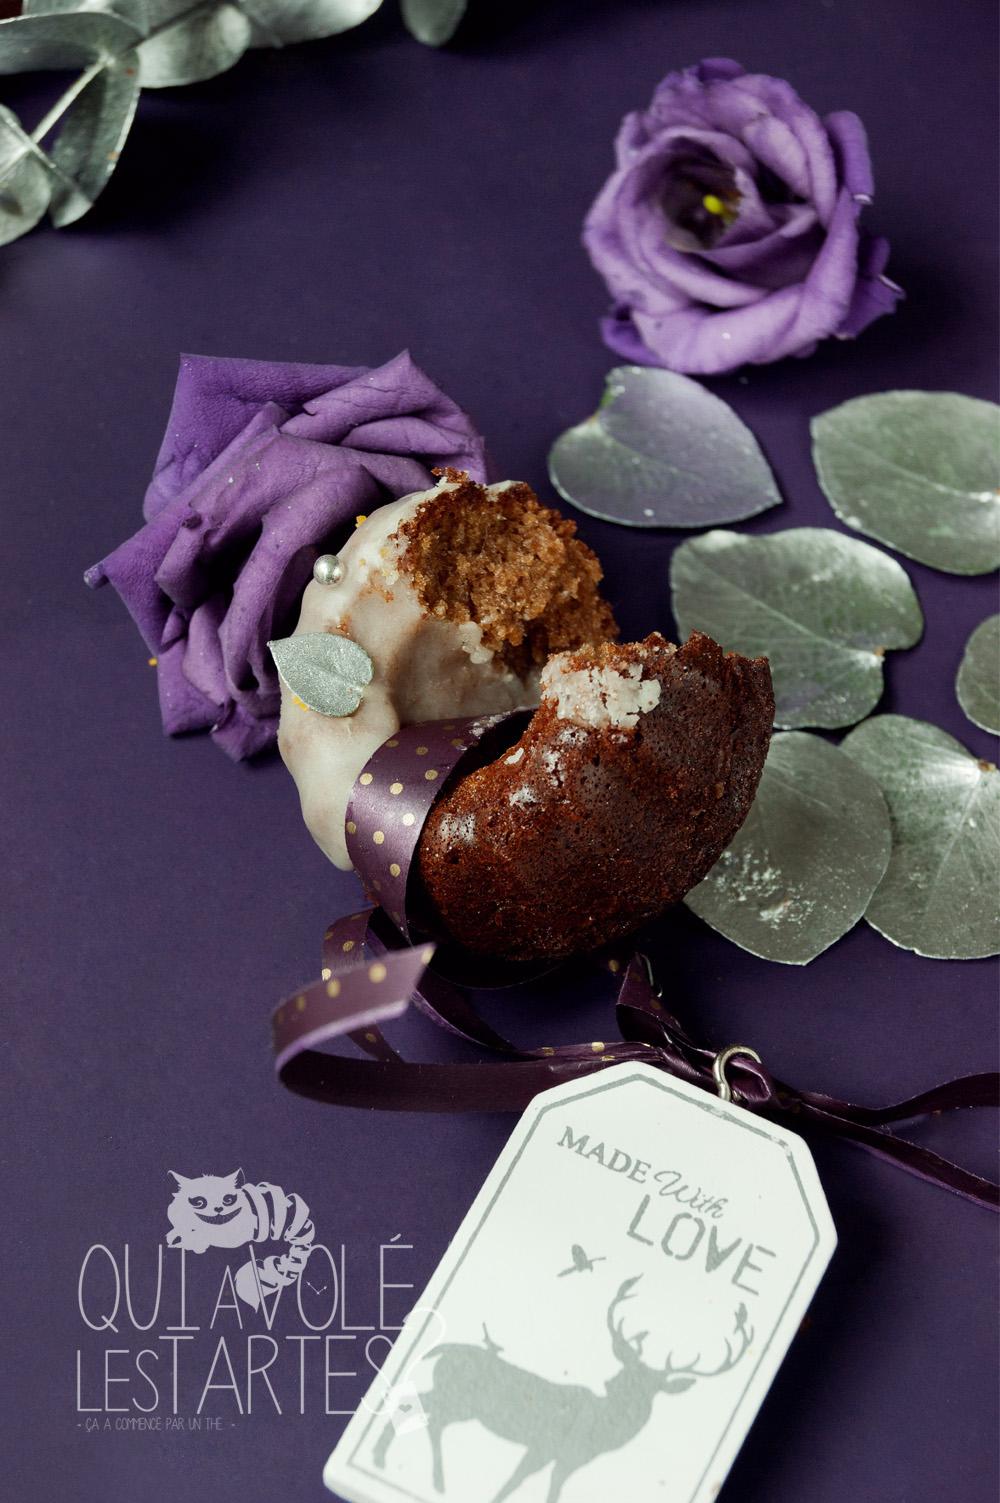 Bundt Cake sans gluten 3 - Studio 2 création - Qui a volé les tartes